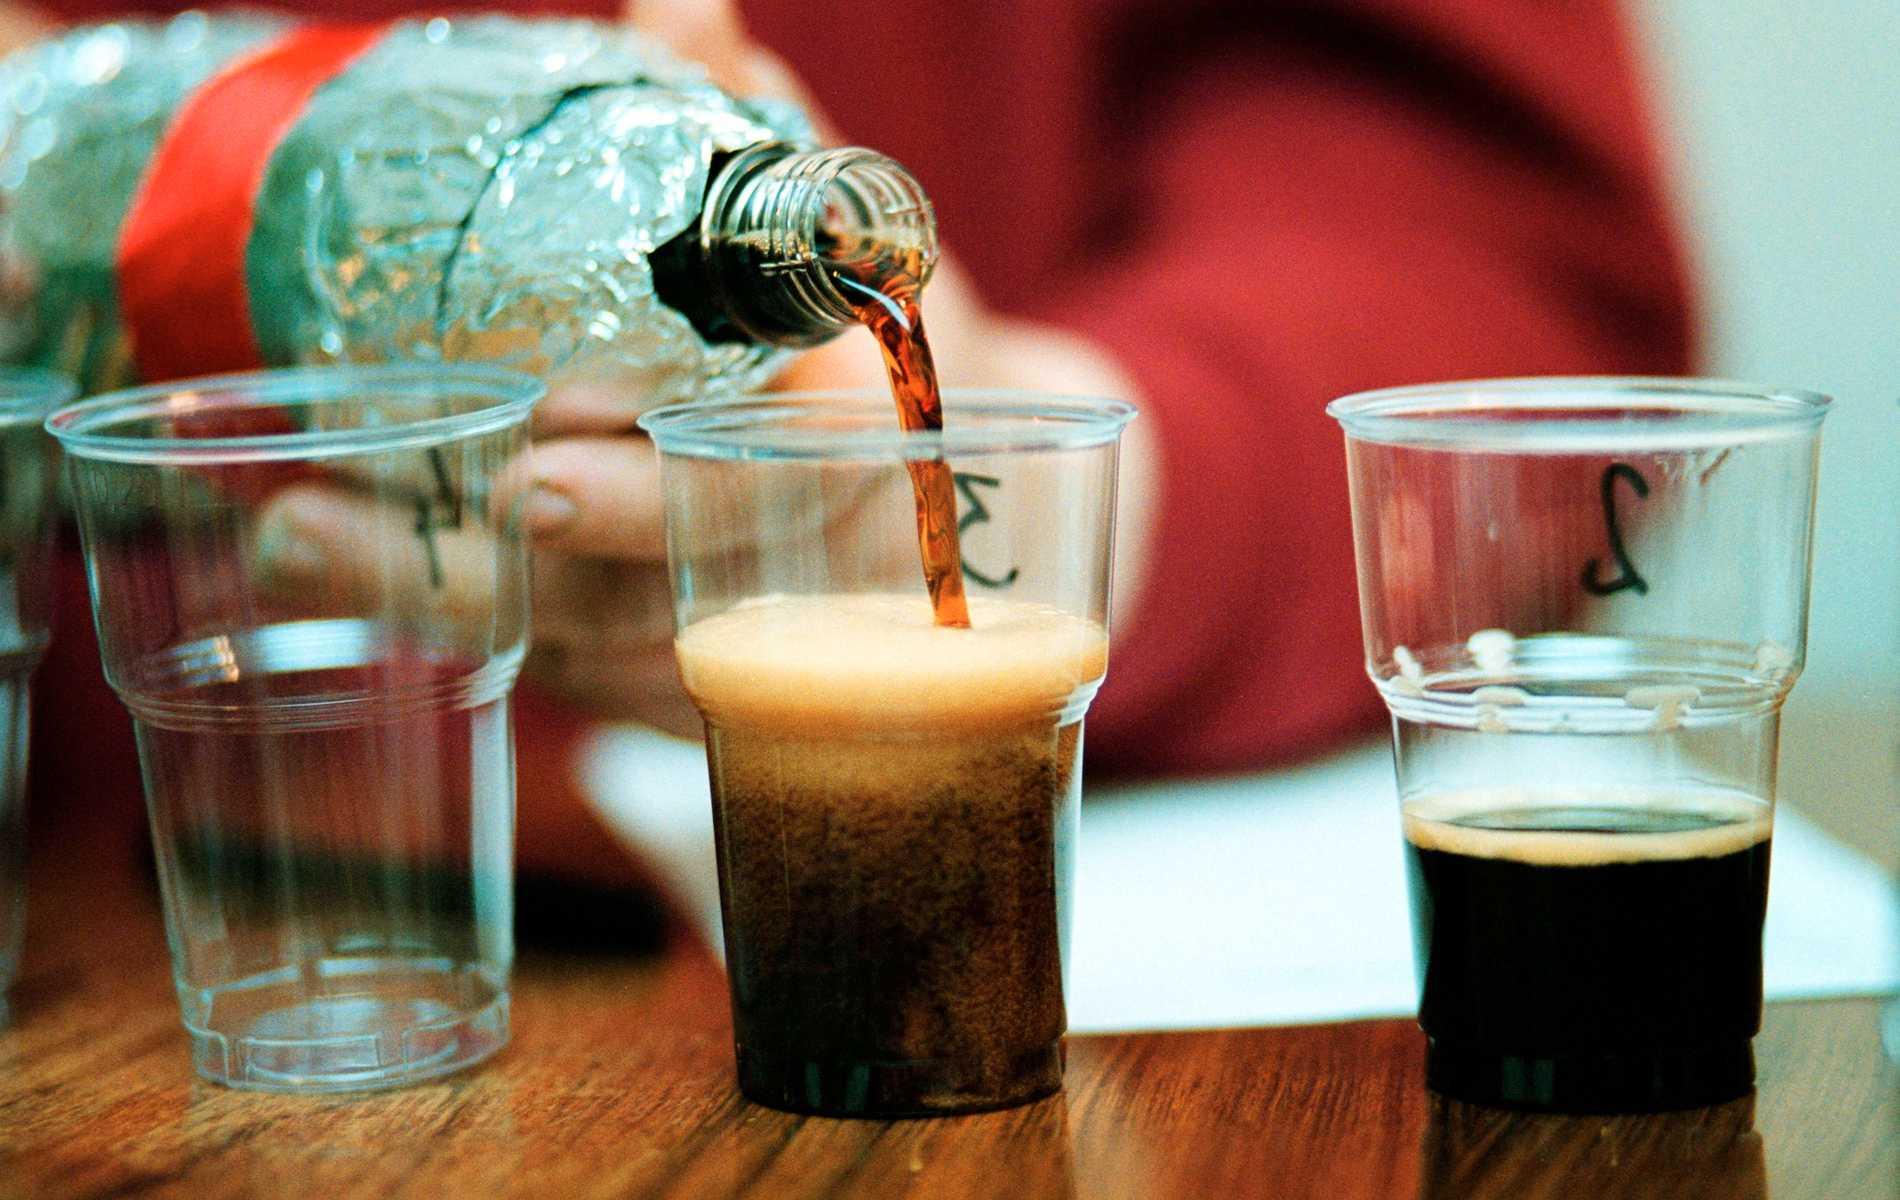 Julmust utklassar både mjölk och vatten till julmat, tycker Engla Nordin.